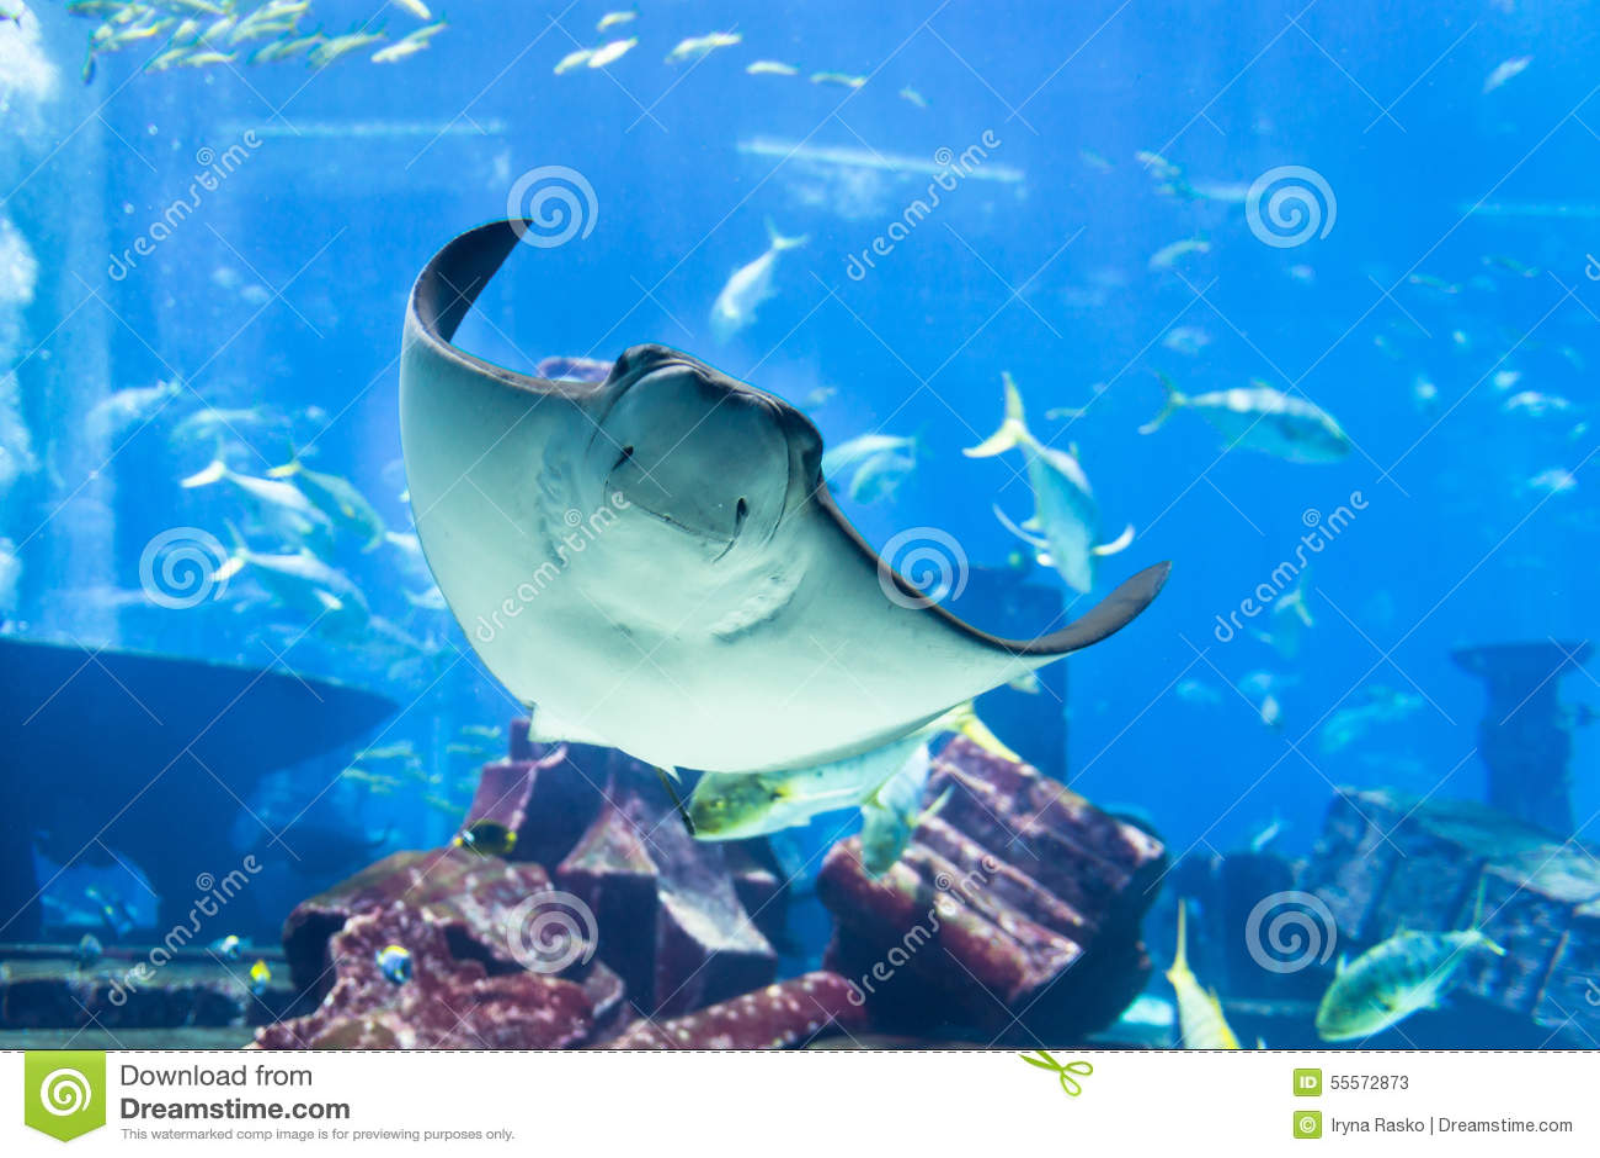 Manta Ray Poses for Portrait at Public Aquarium